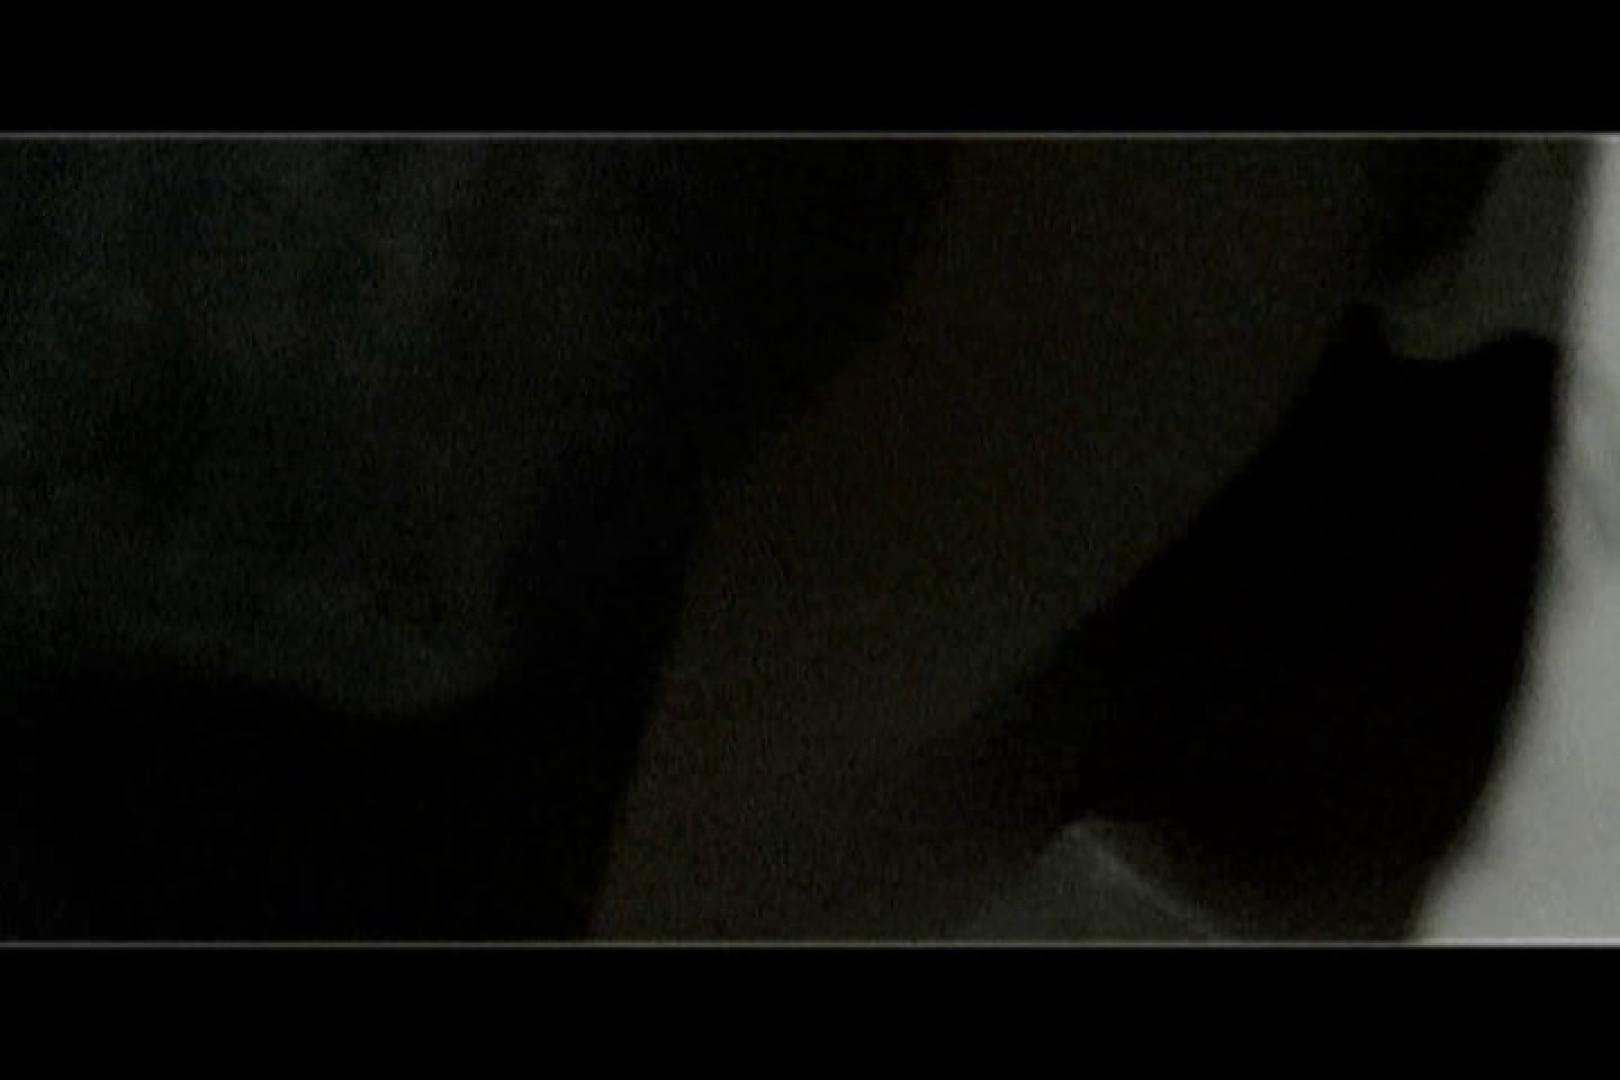 マンコ丸見え女子洗面所Vol.7 マンコ 盗み撮り動画 72画像 5